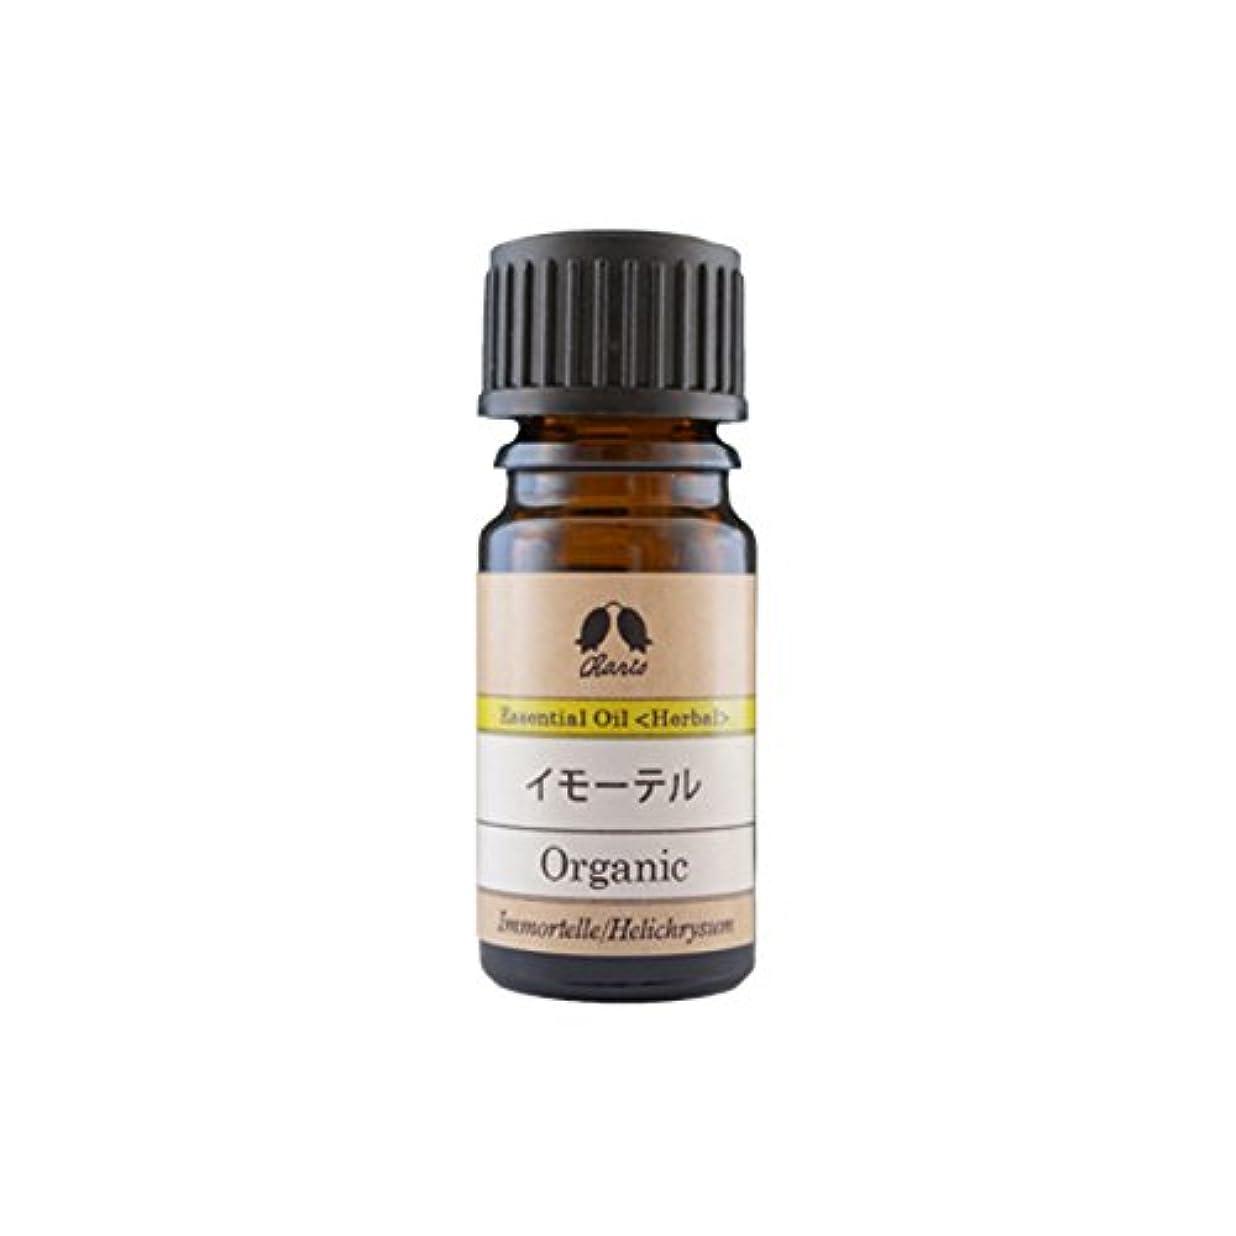 読書小包差別カリス エッセンシャルオイル イモーテル オーガニック オイル 2ml